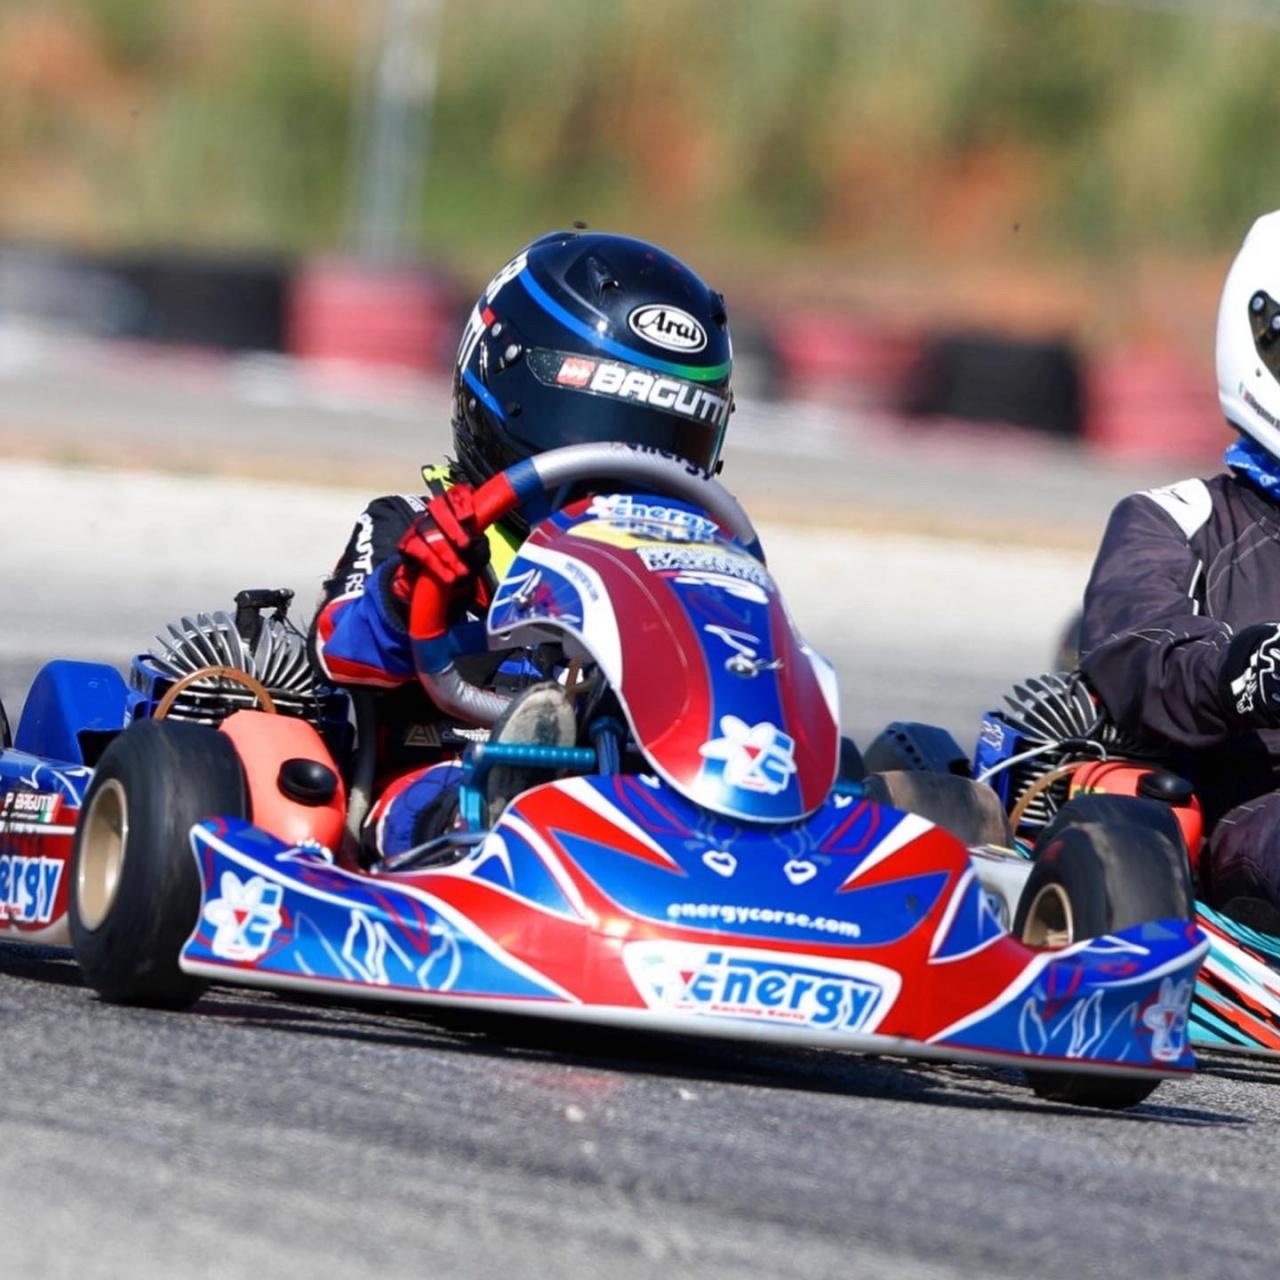 Pietro Bagutti: Motorsport come spirito guida